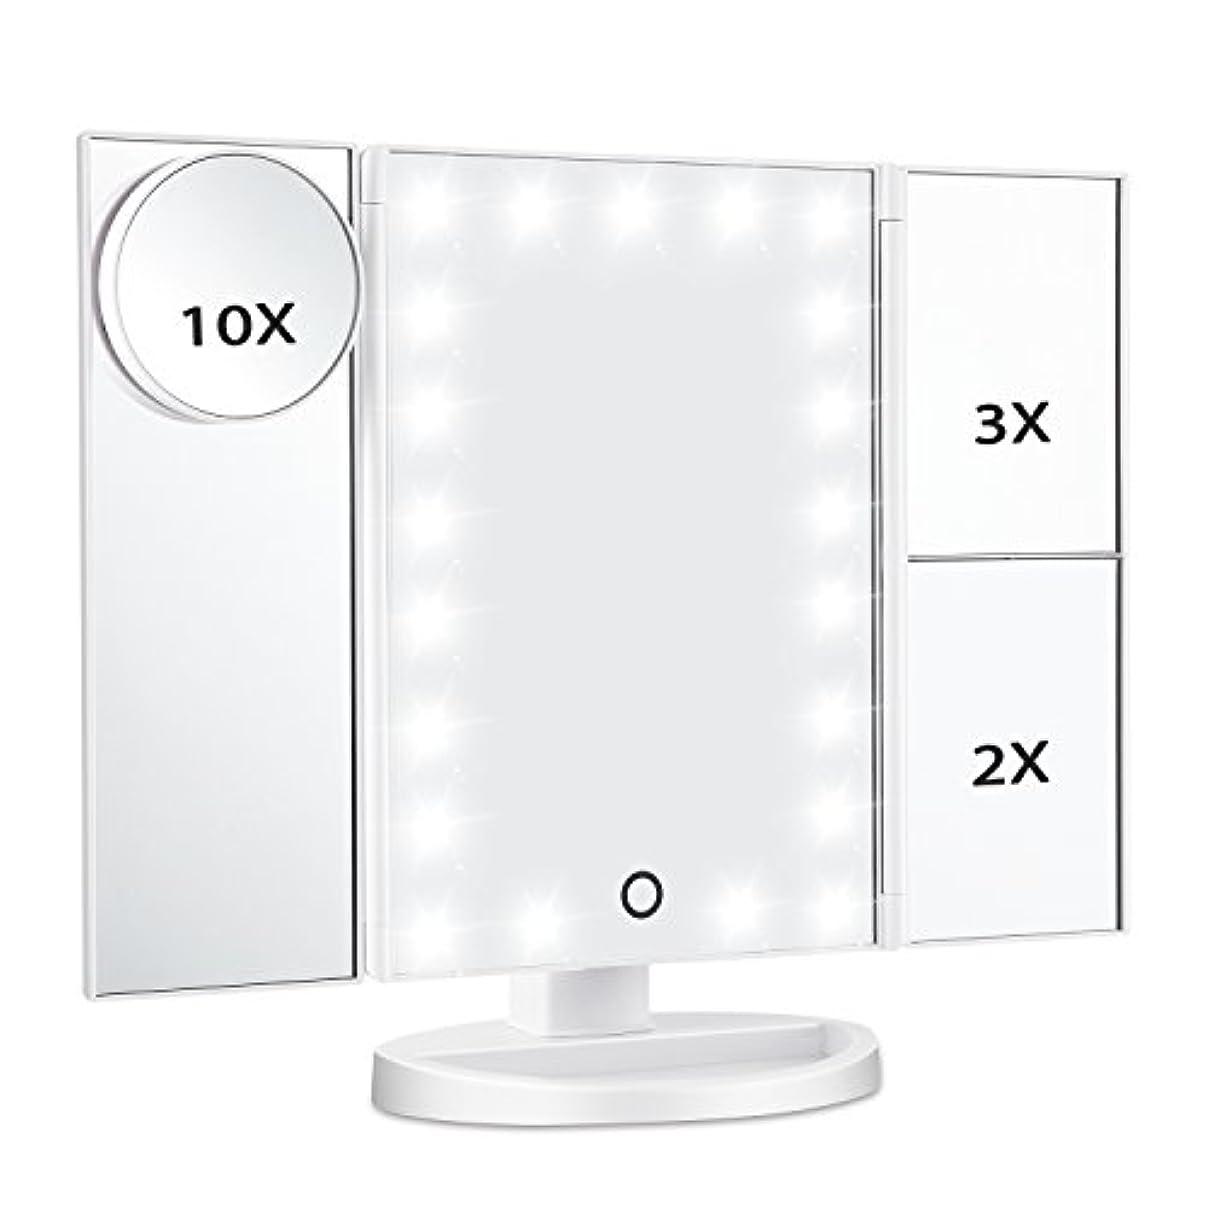 生敬アジアMagicfly 化粧鏡 LED三面鏡 ミラー 折り畳み式 10X /3X/2X拡大鏡付き 明るさ調節可能180°回転 電池/USB 2WAY給電(ホワイト)